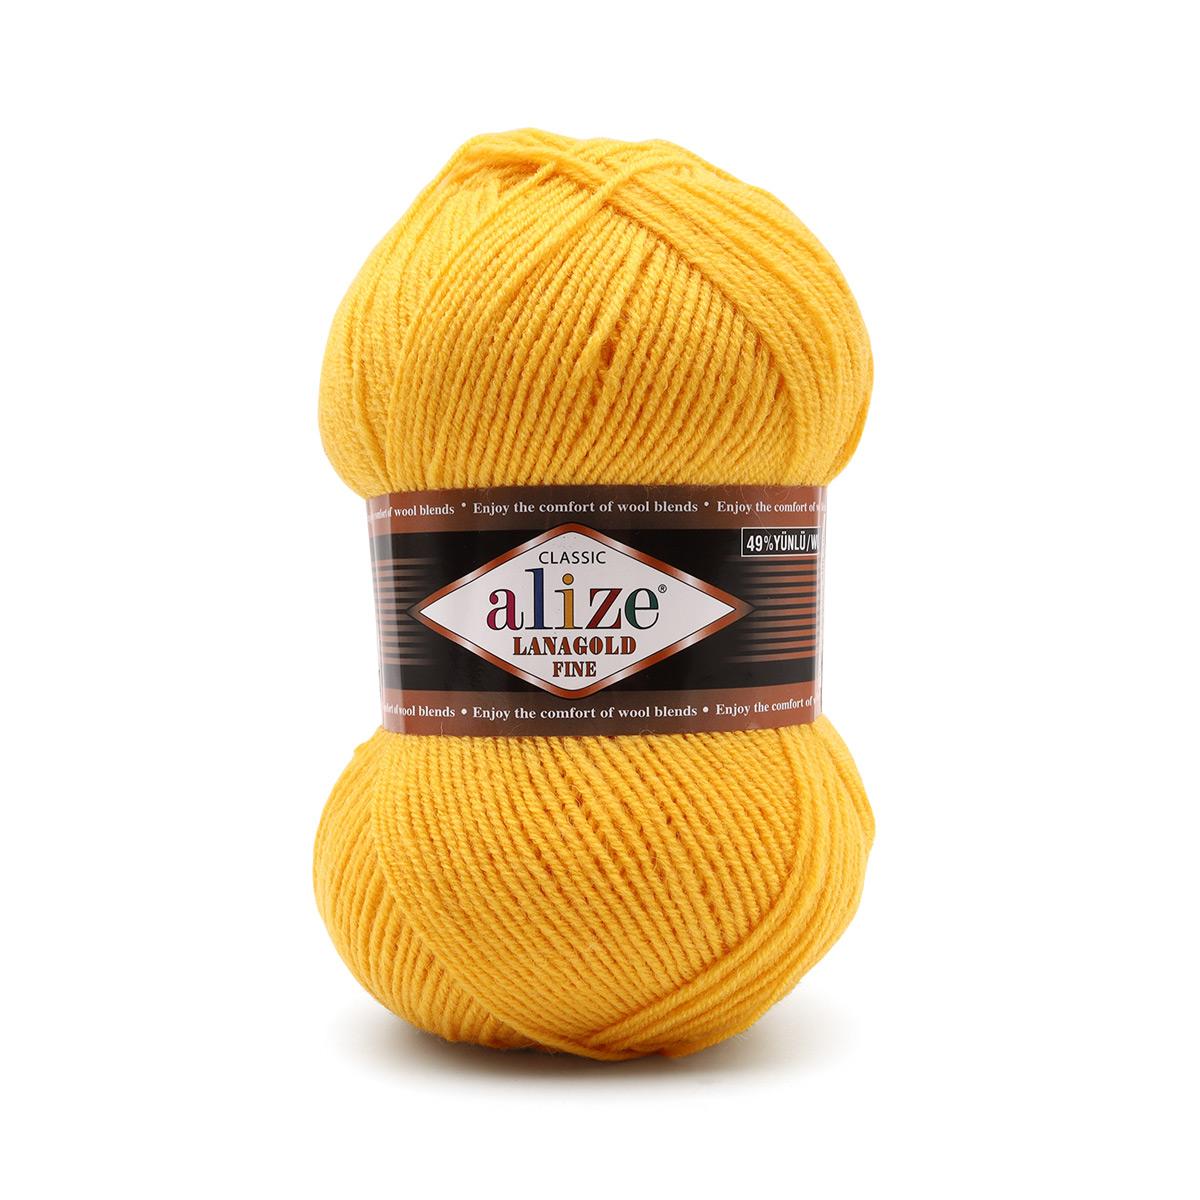 Пряжа ALIZE 'Lanagold fine' 100 гр. 390м (49%шерсть, 51% акрил)